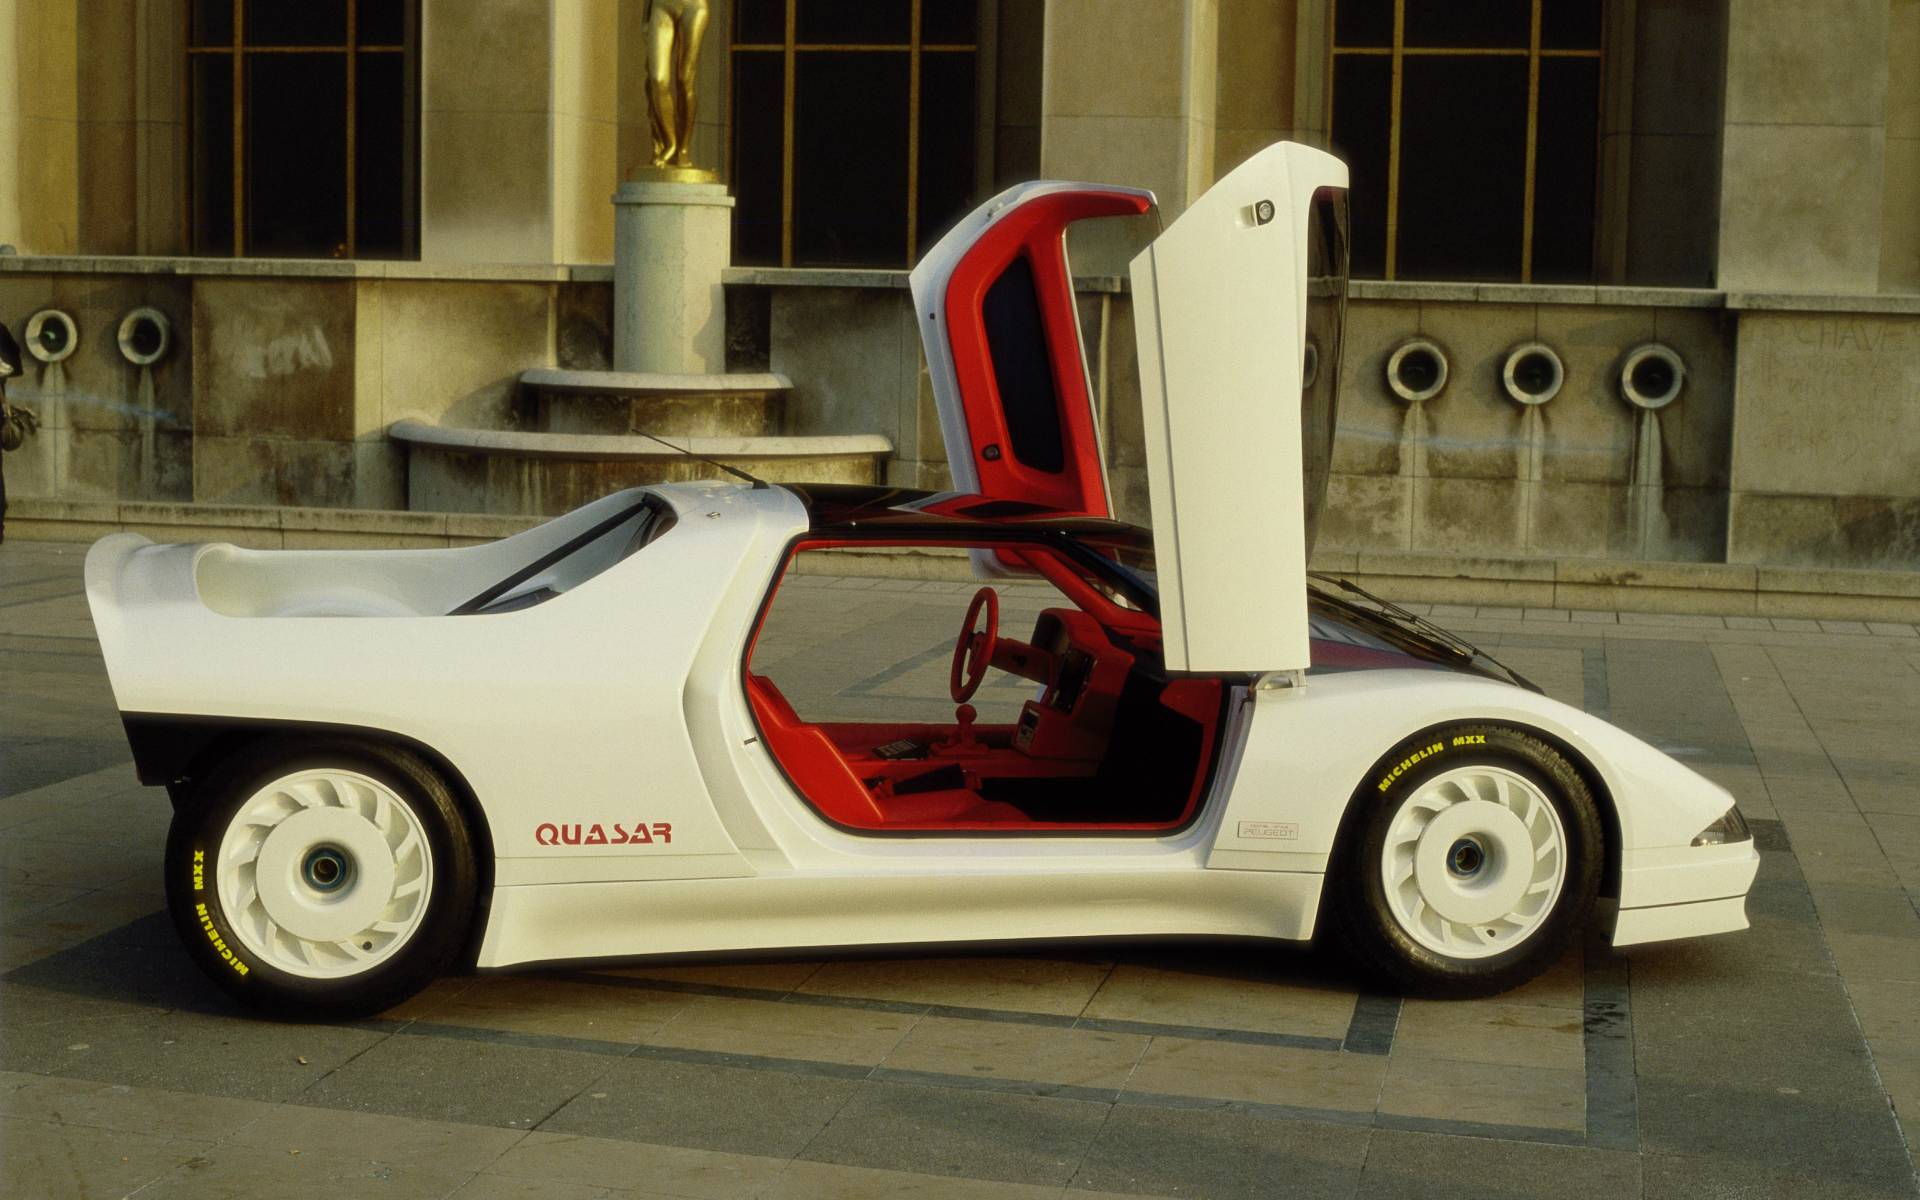 Peugeot Quasar : 600 chevaux et un système multimédia...en 1984 ! 419631-peugeot-quasar-la-renaissance-du-lion